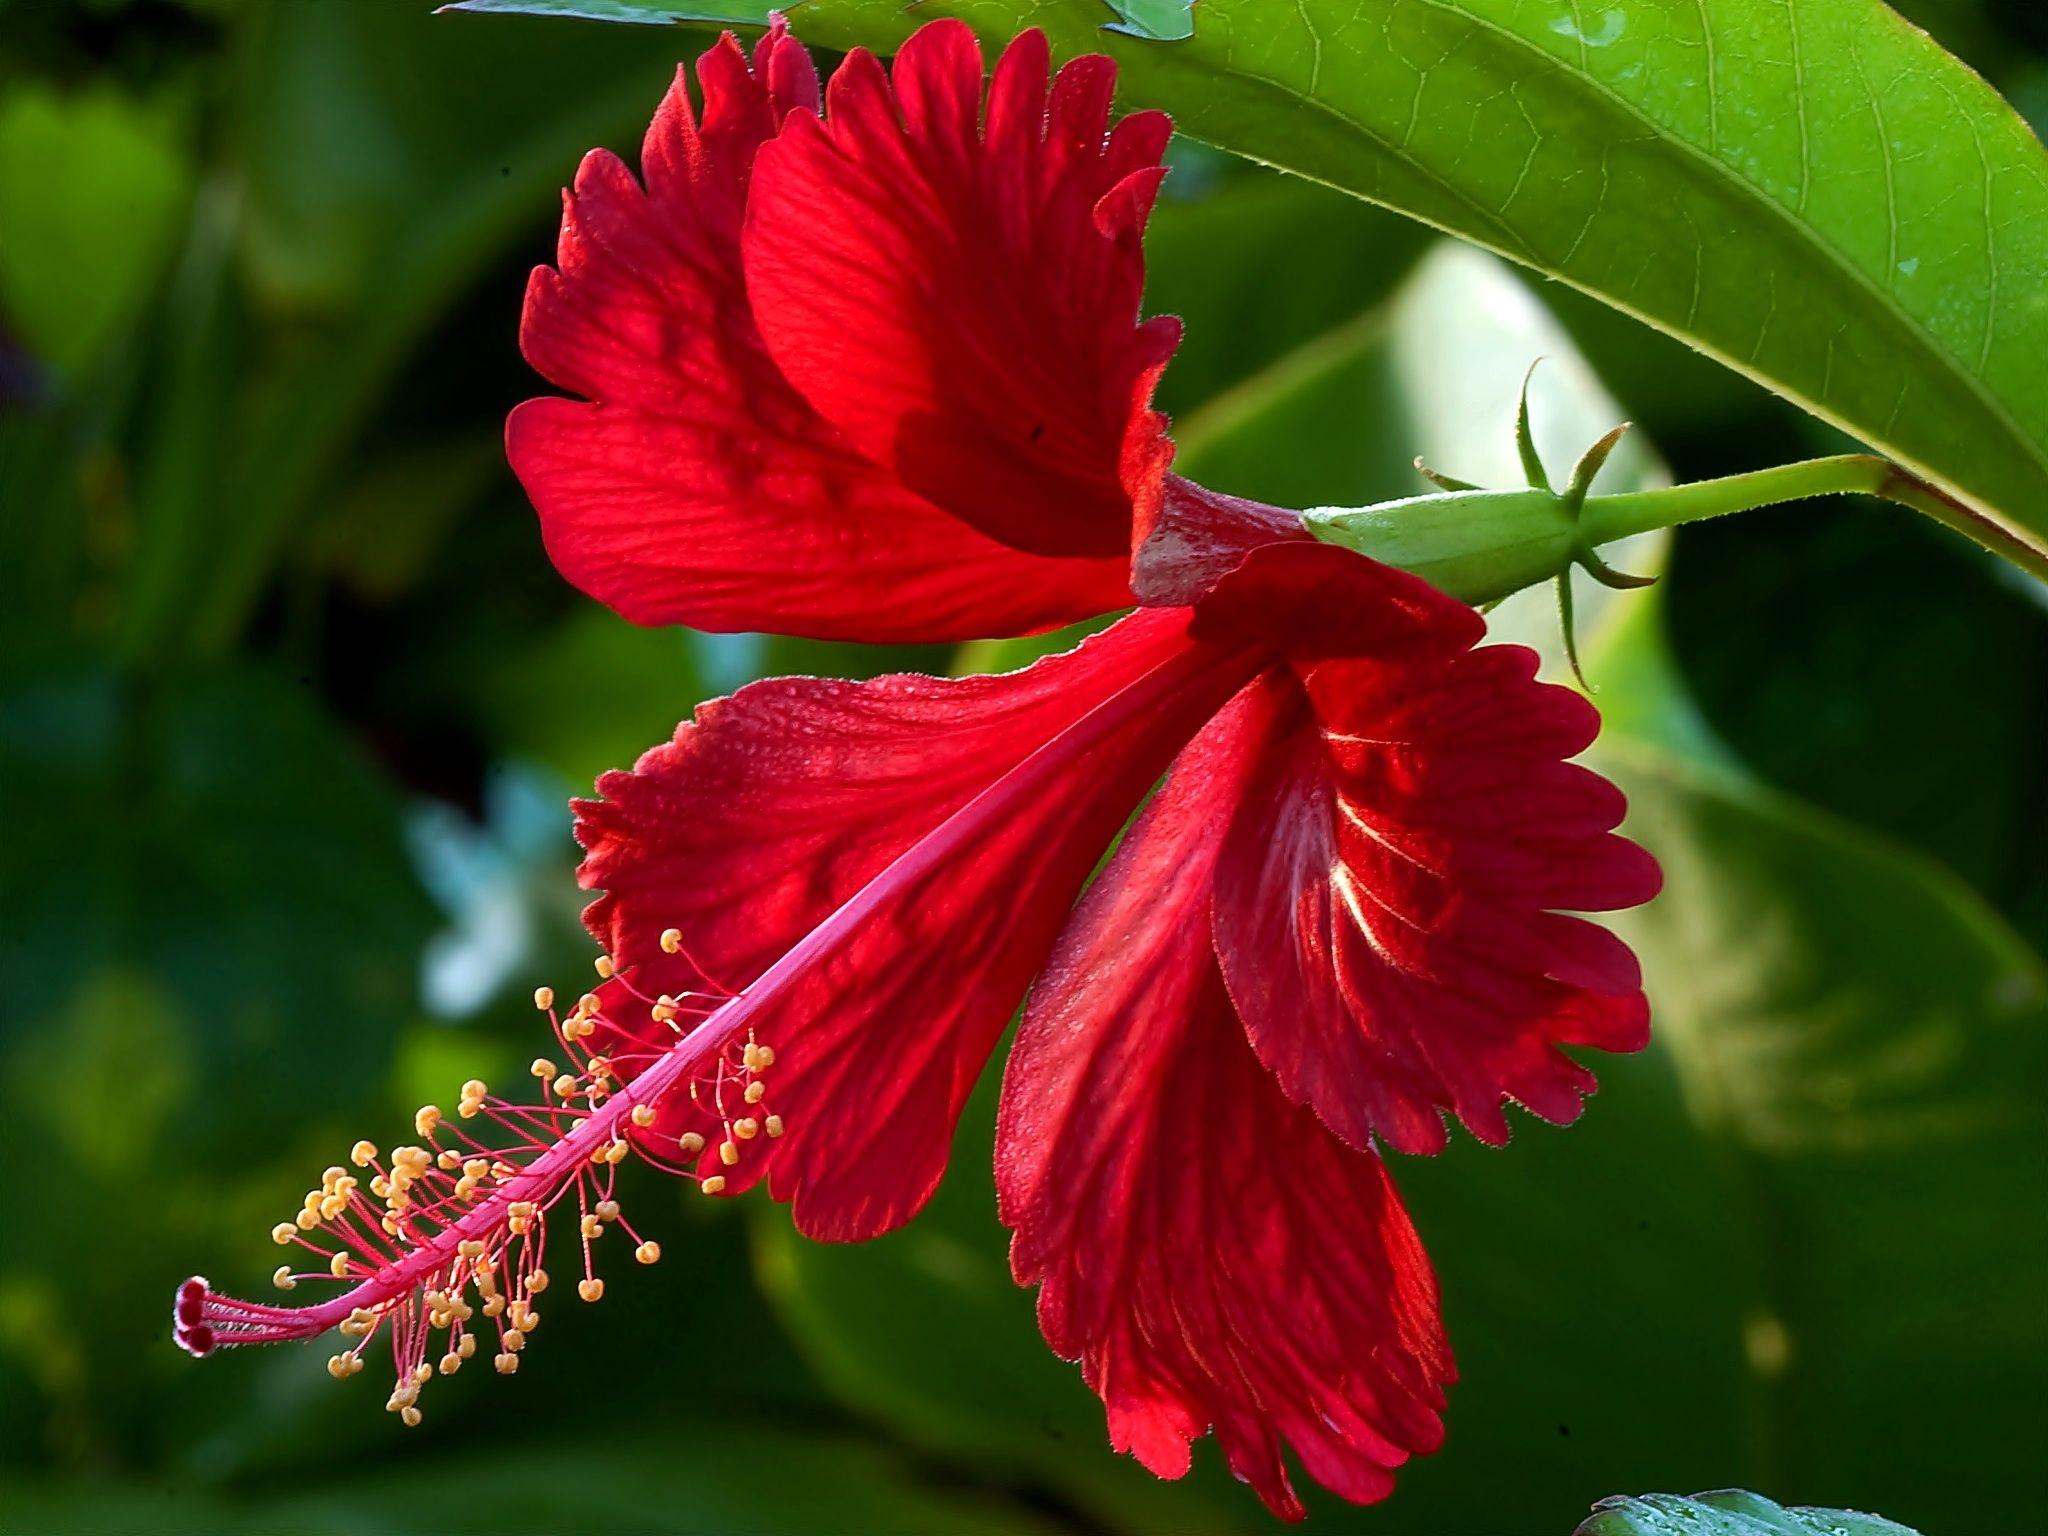 Pikny czerwony kwiat kwiaty pinterest hibiscus flowers and kptallat a kvetkezre flower izmirmasajfo